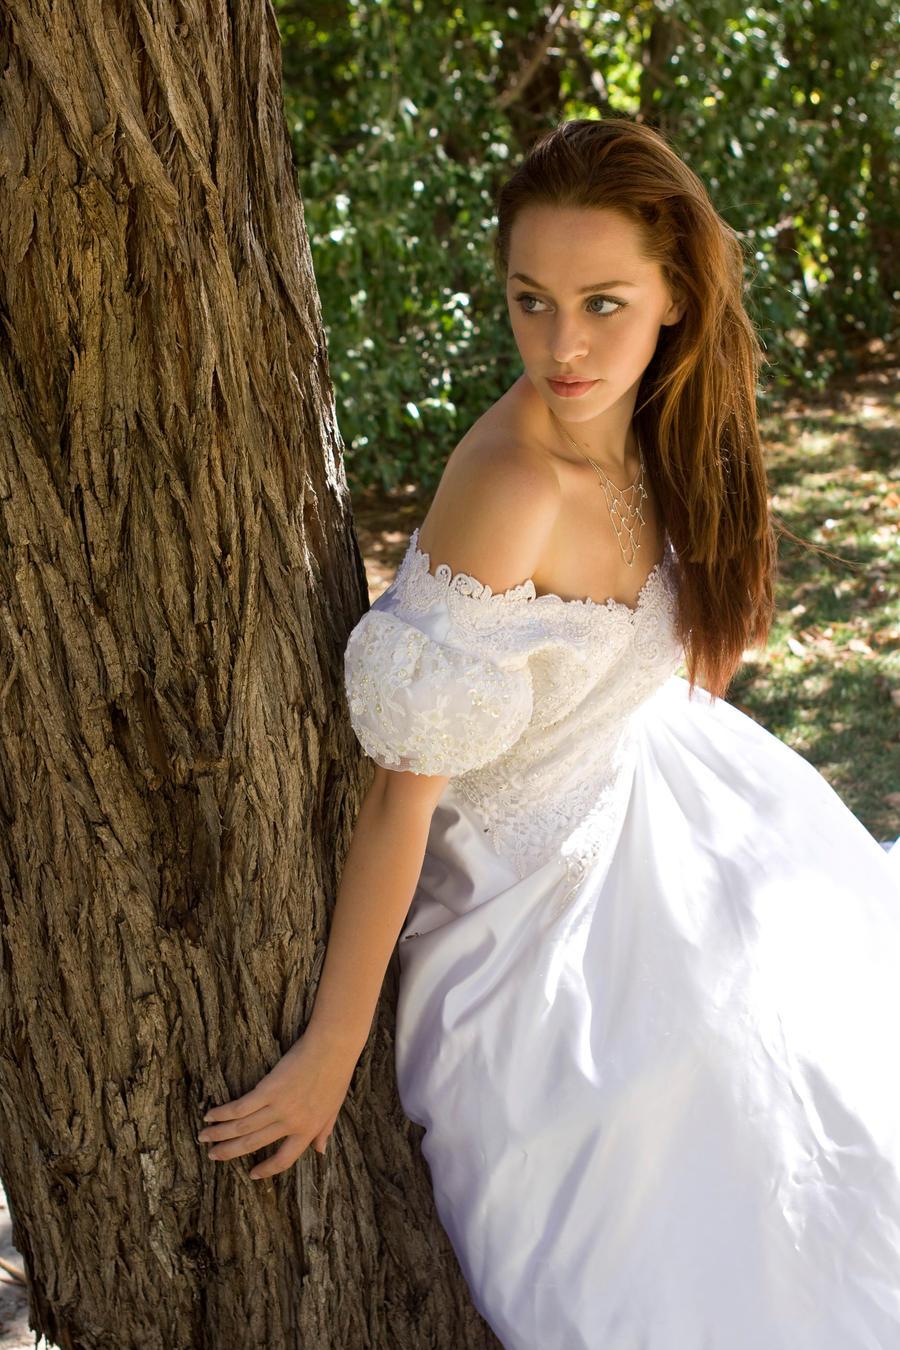 Fairytale princess 7